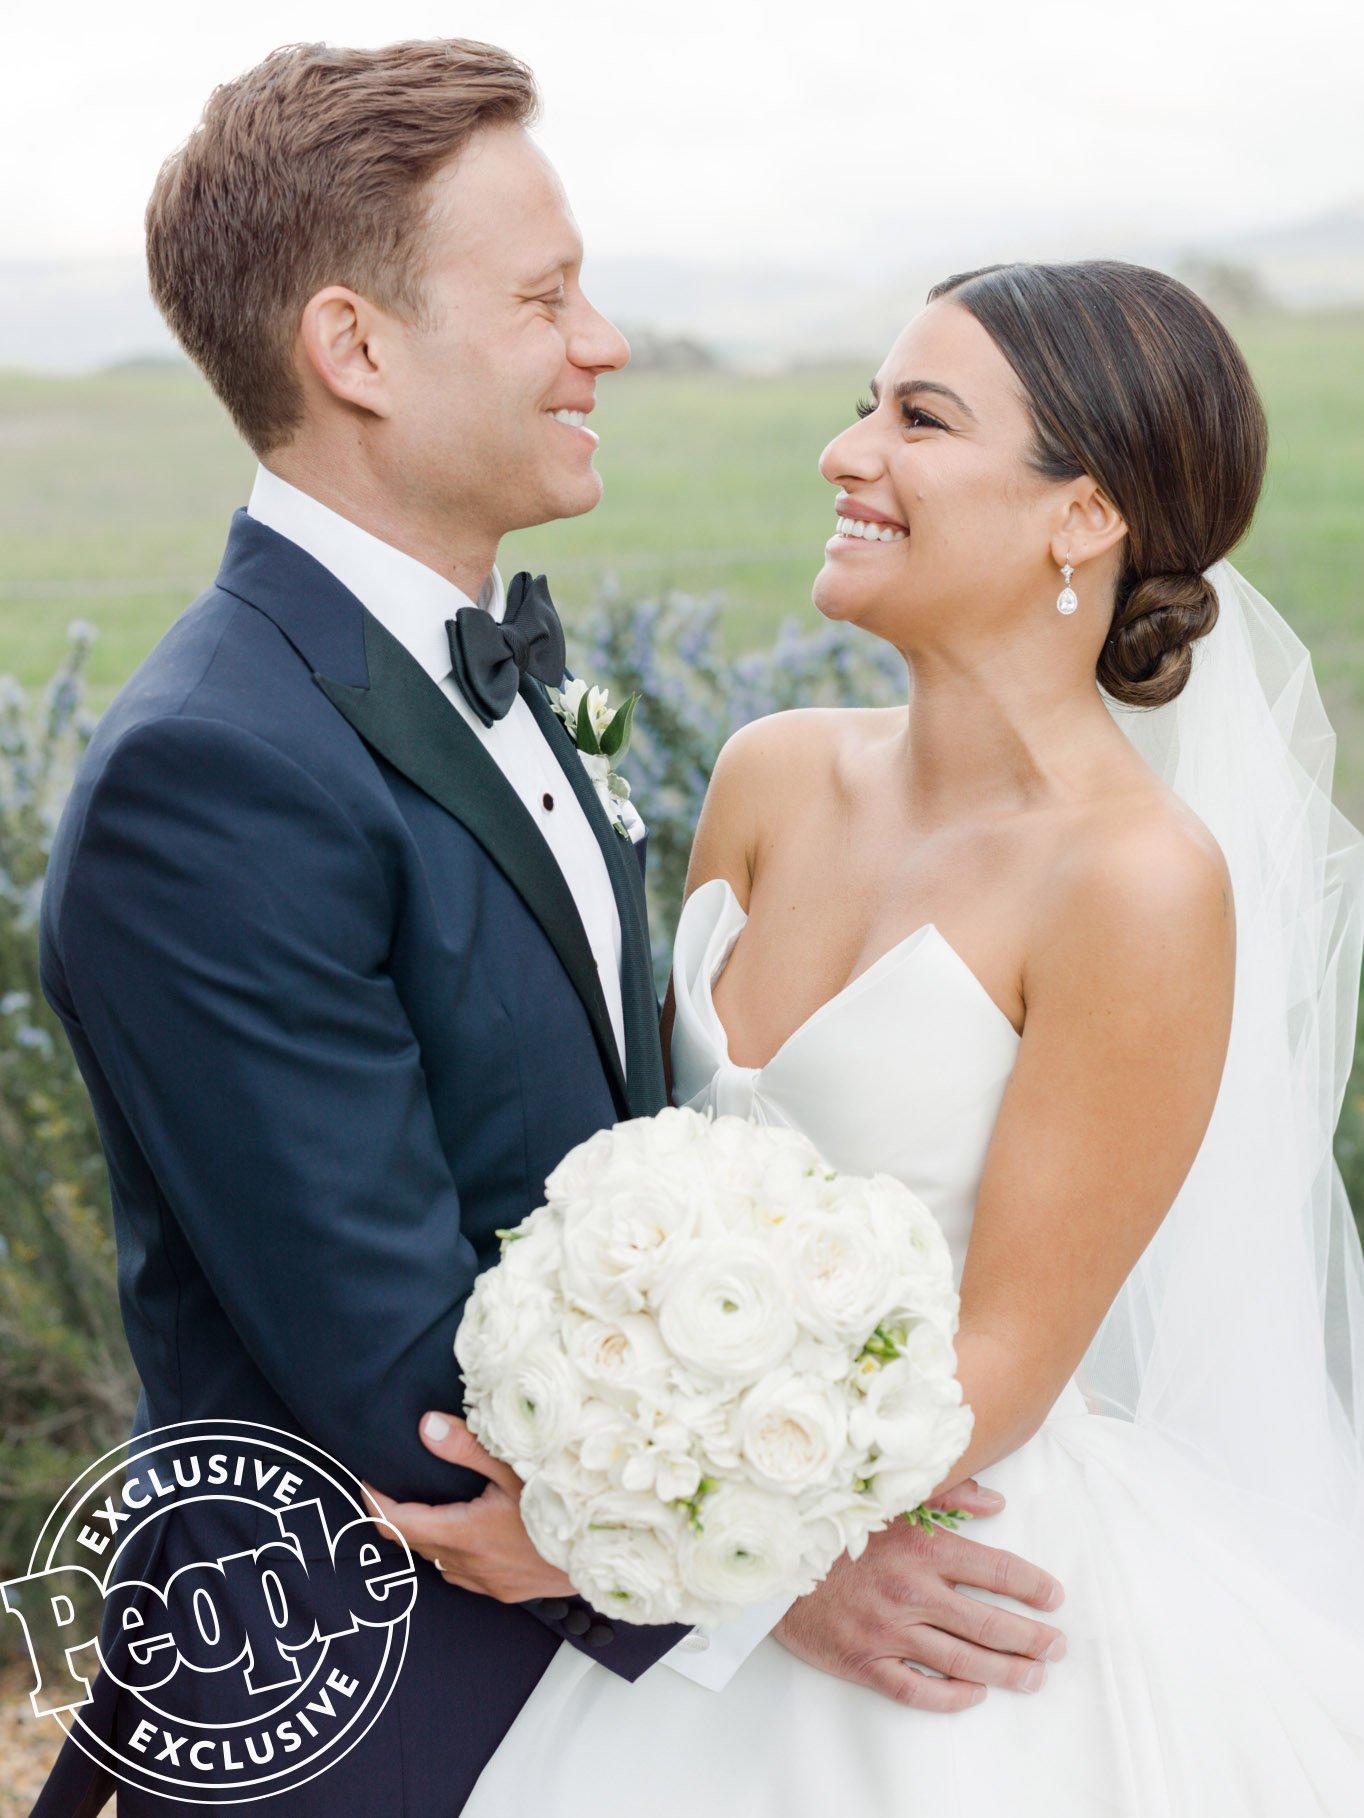 Resultado de imagen de Lea Michele y Zandy Reich wedding